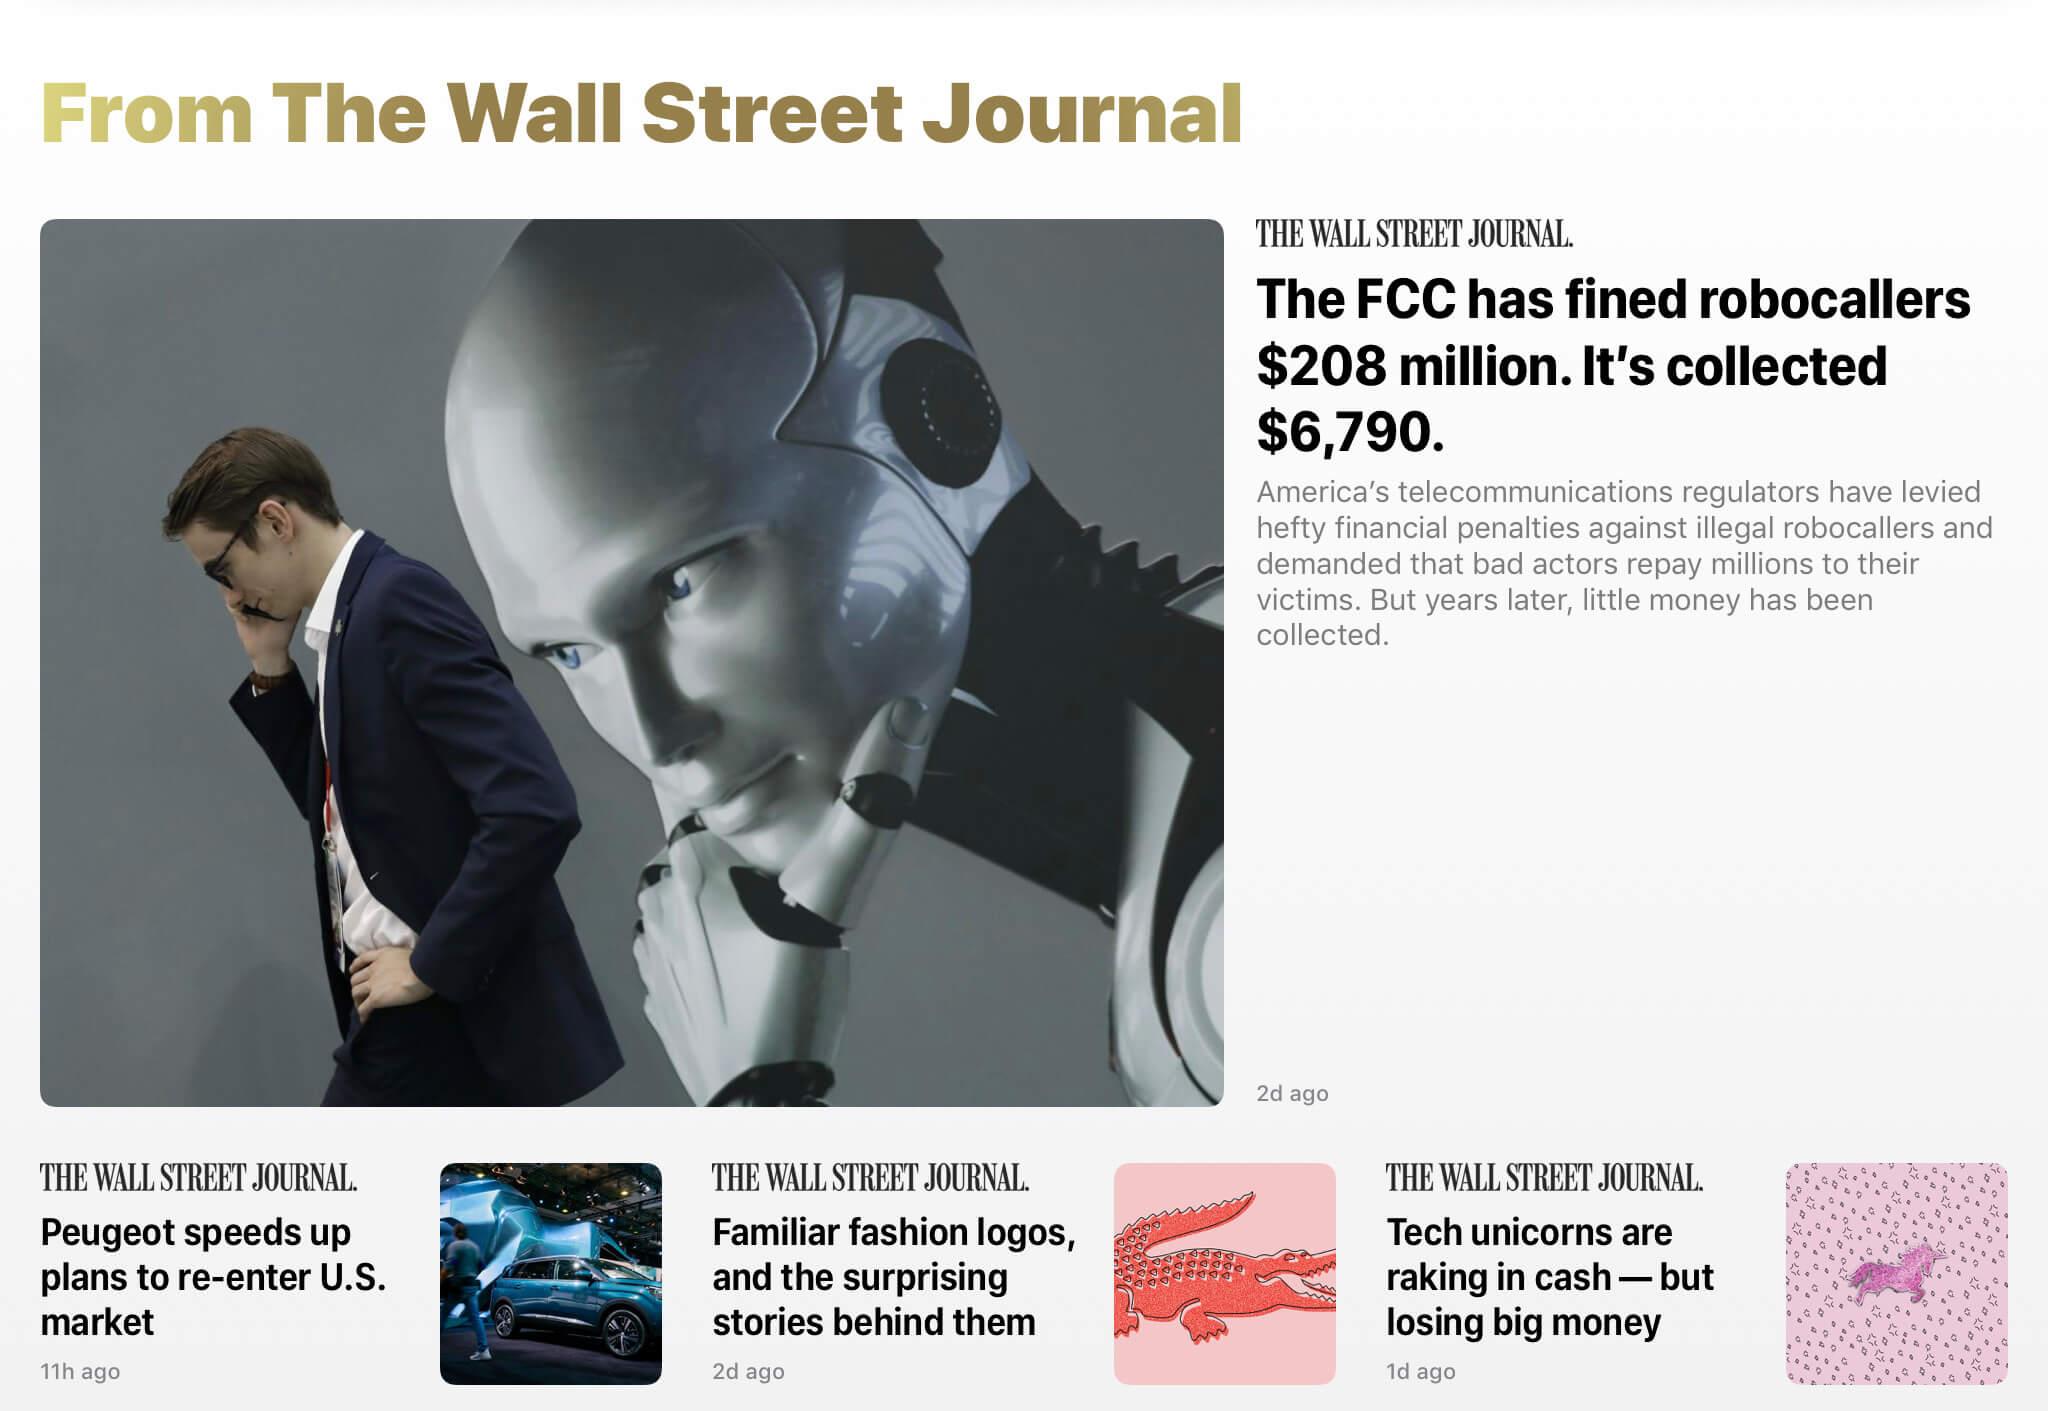 《华尔街日报》的文章只在编辑推荐中能看到少量入口